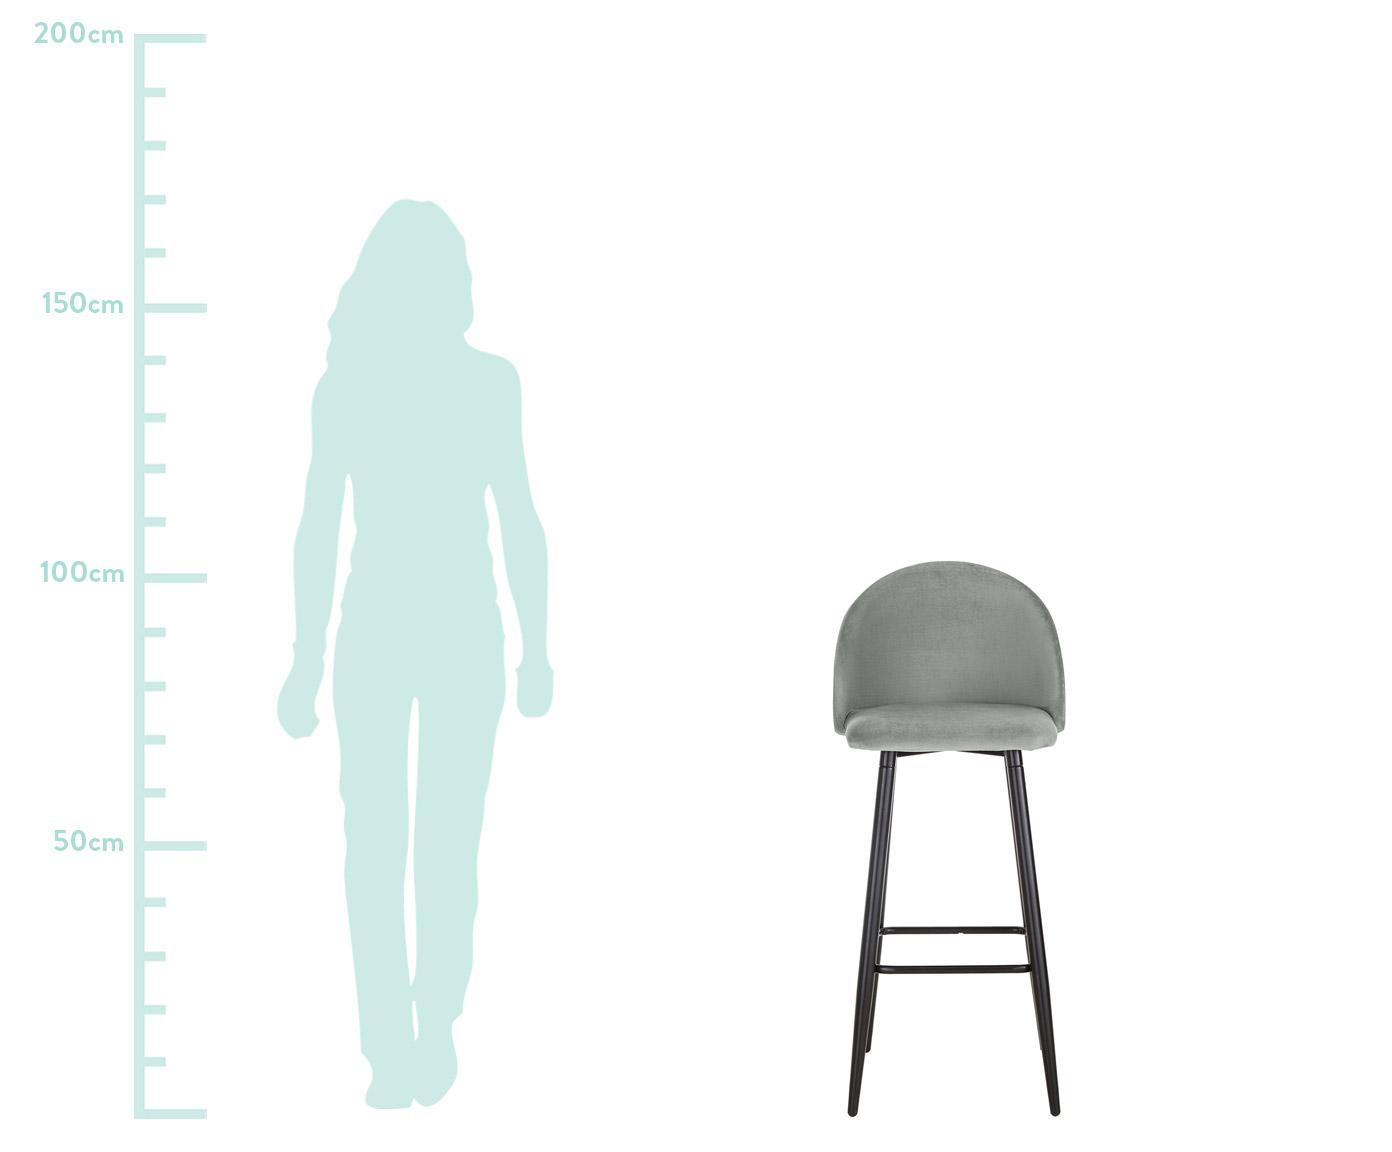 Krzesło barowe w kolorze szarym Amy z aksamitu, Tapicerka: aksamit (poliester) Tkani, Nogi: metal malowany proszkowo, Poszewka: szary Nogi: czarny, matowy, S 45 x W 103 cm